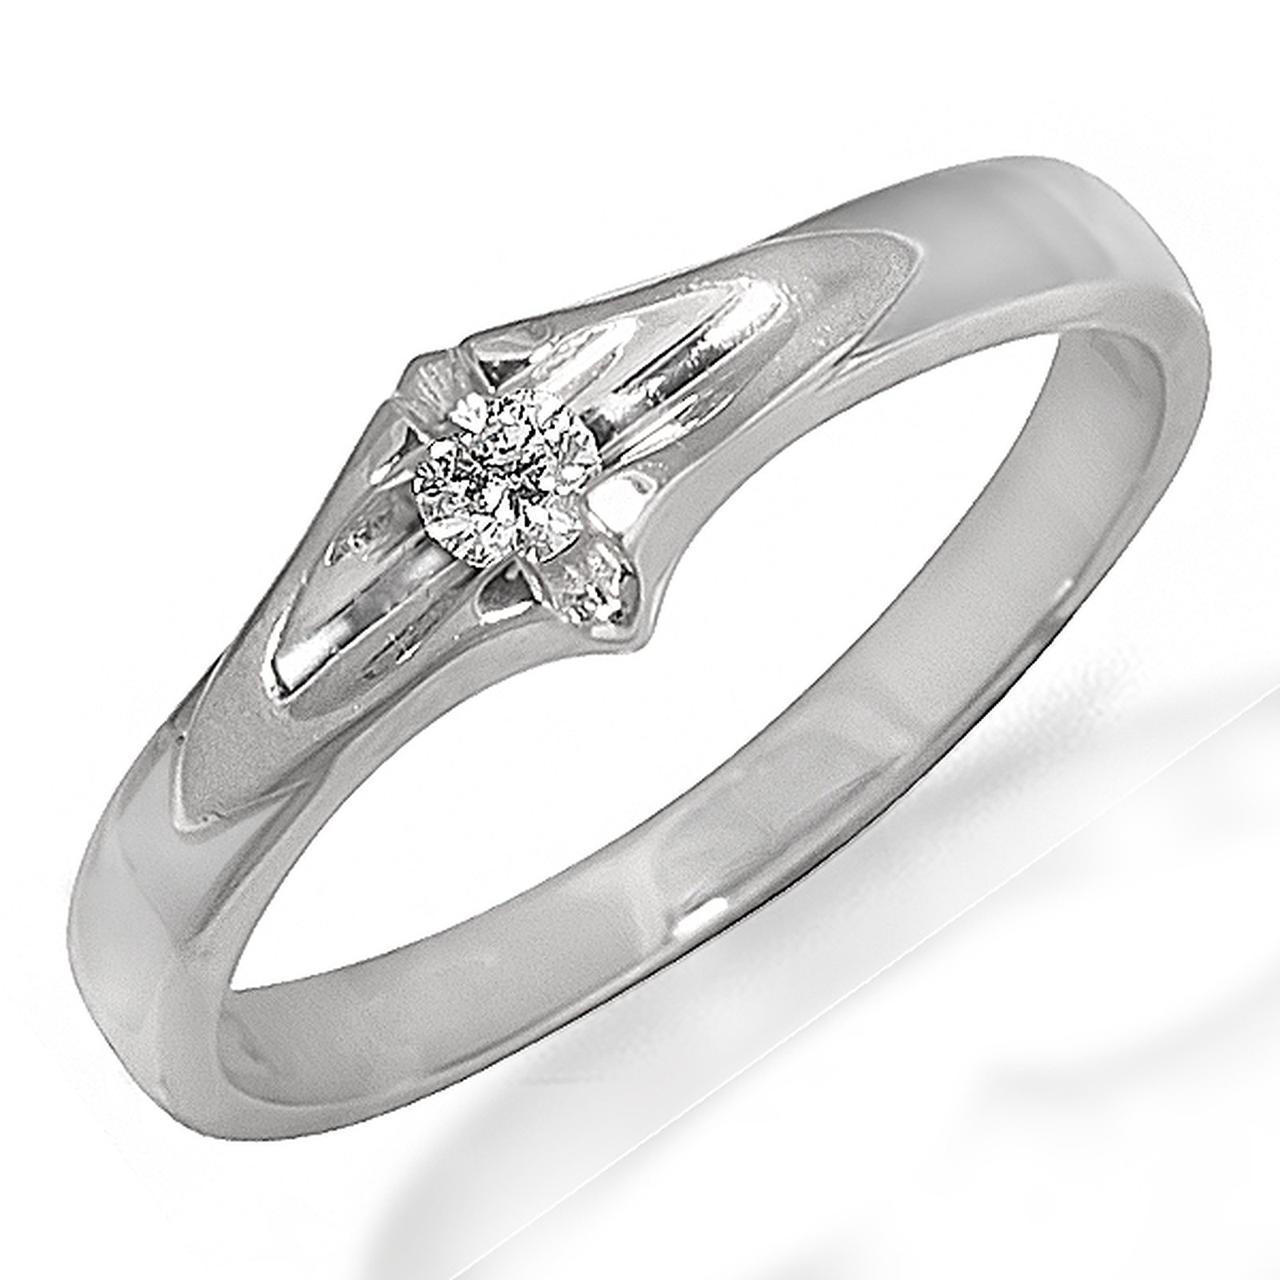 Золотое кольцо с бриллиантом, размер 17.5 (048193)